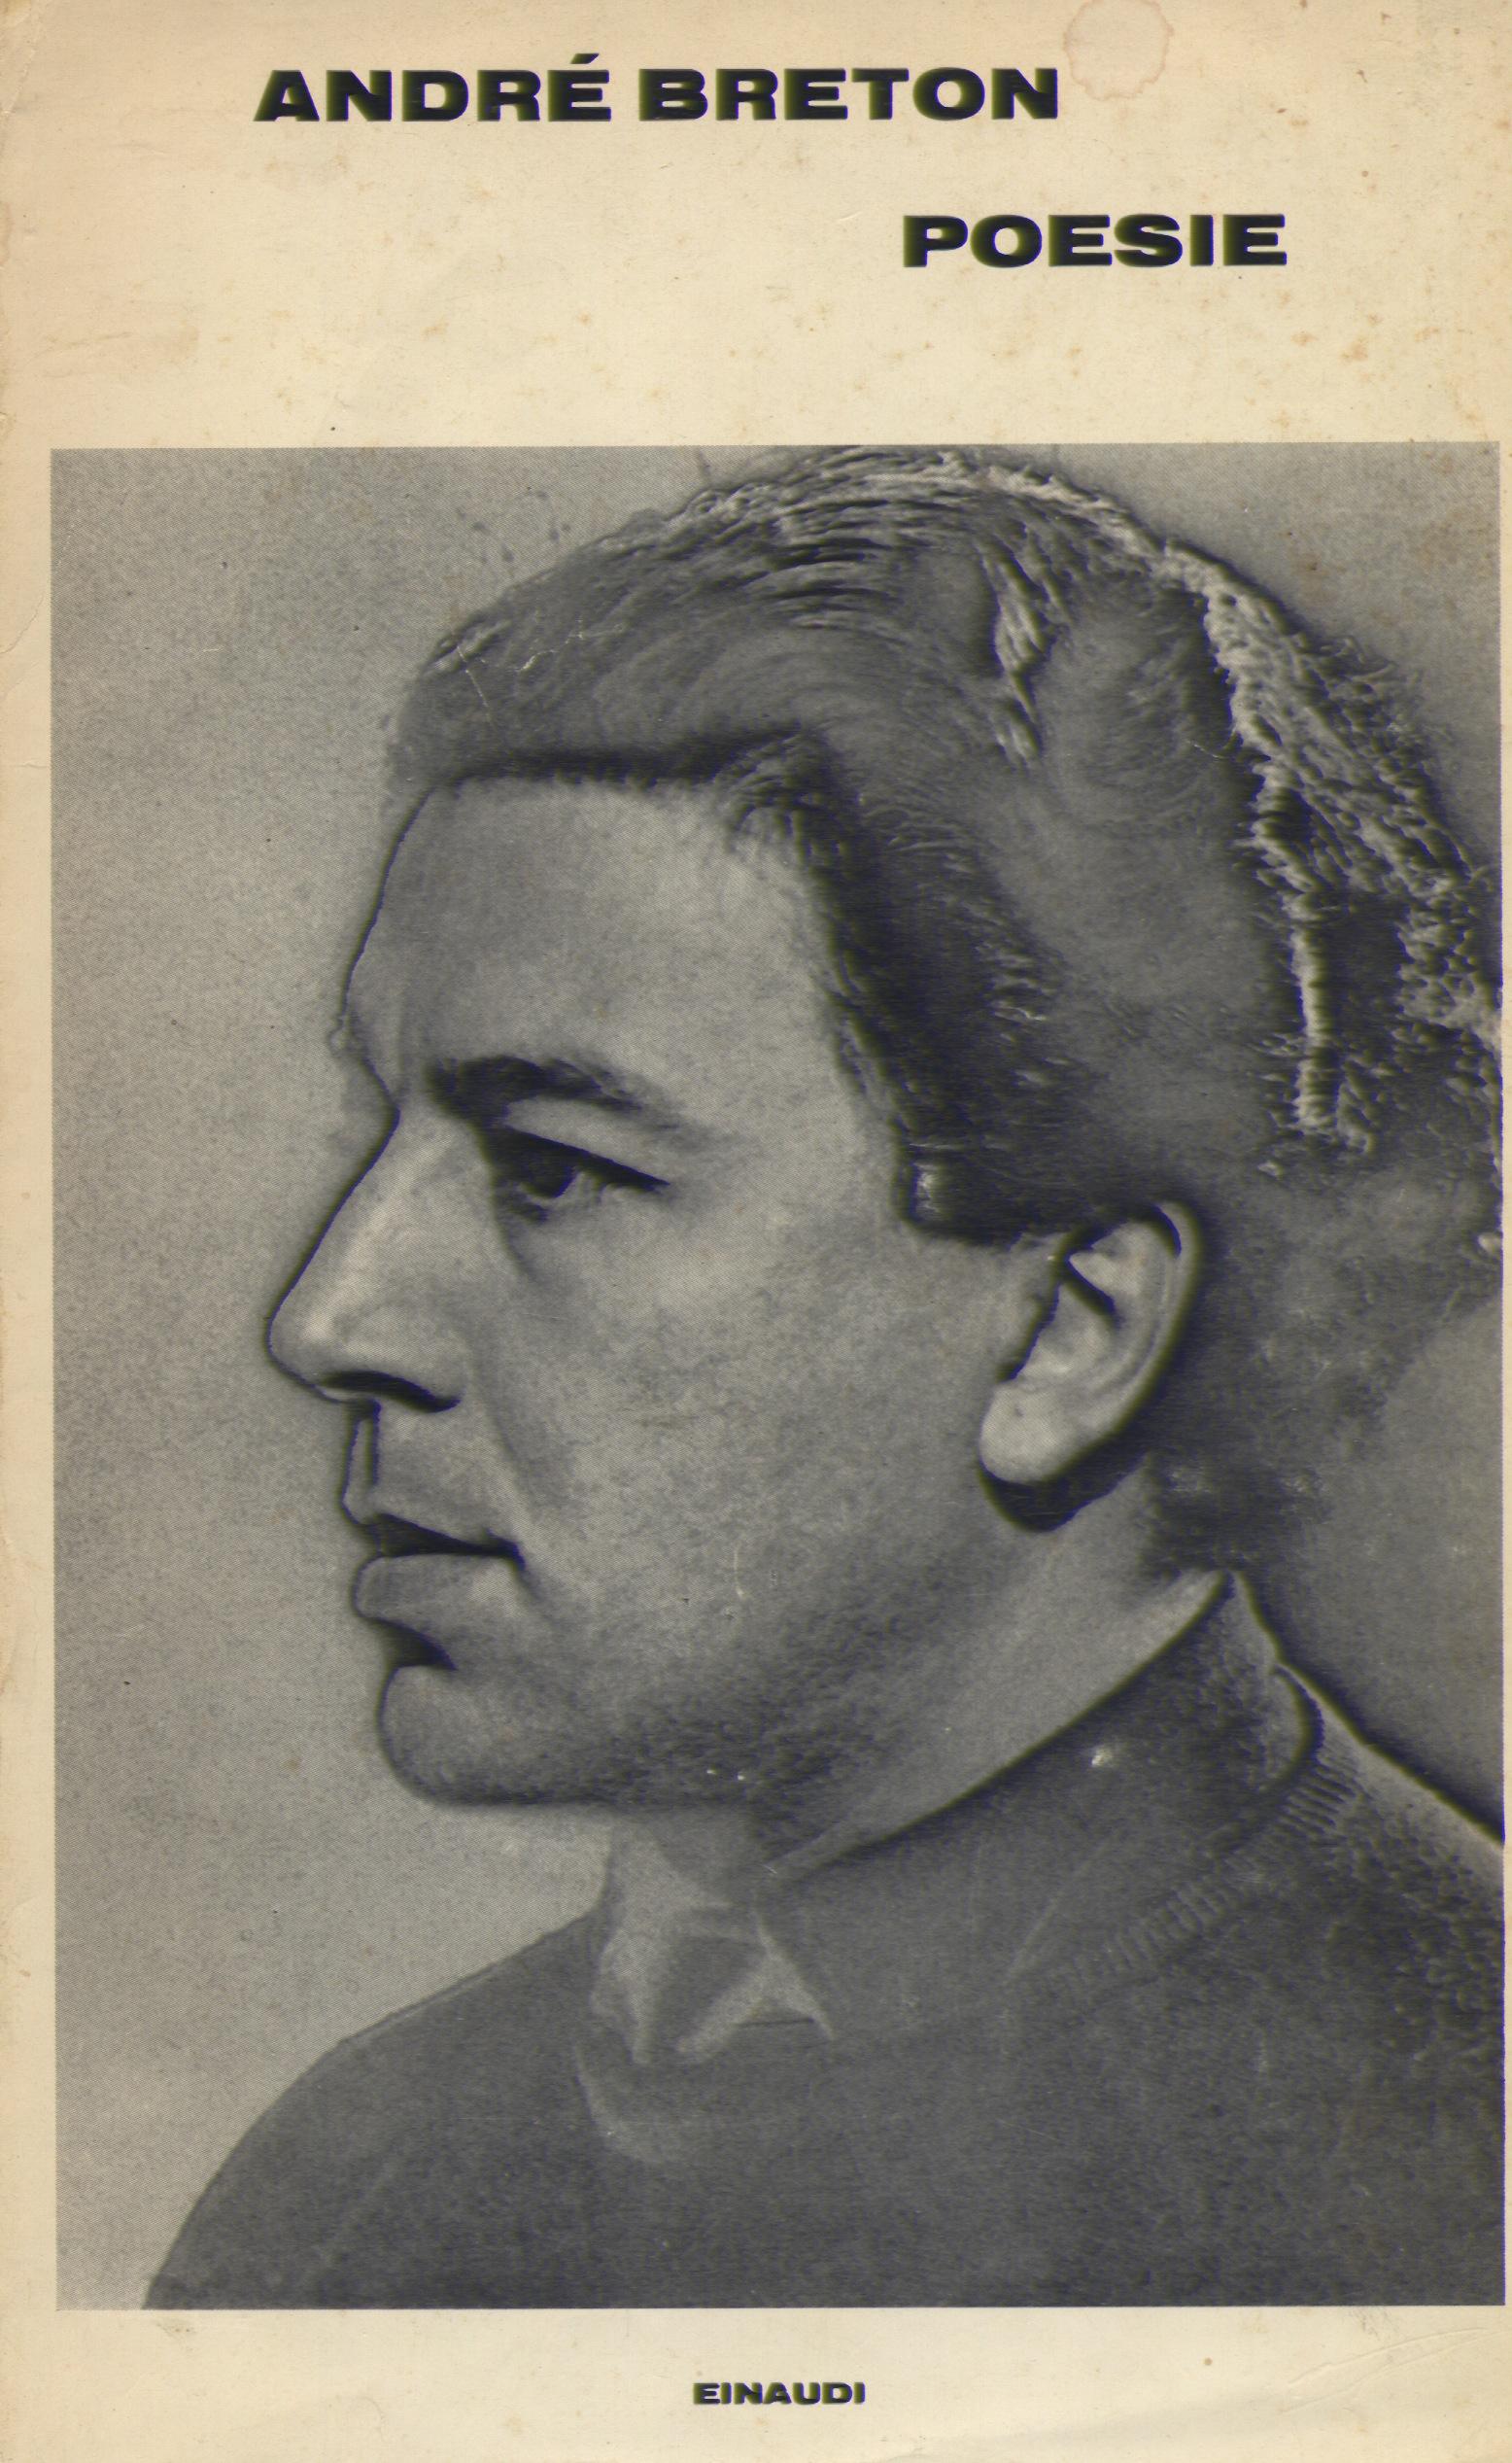 André Breton - Poesie